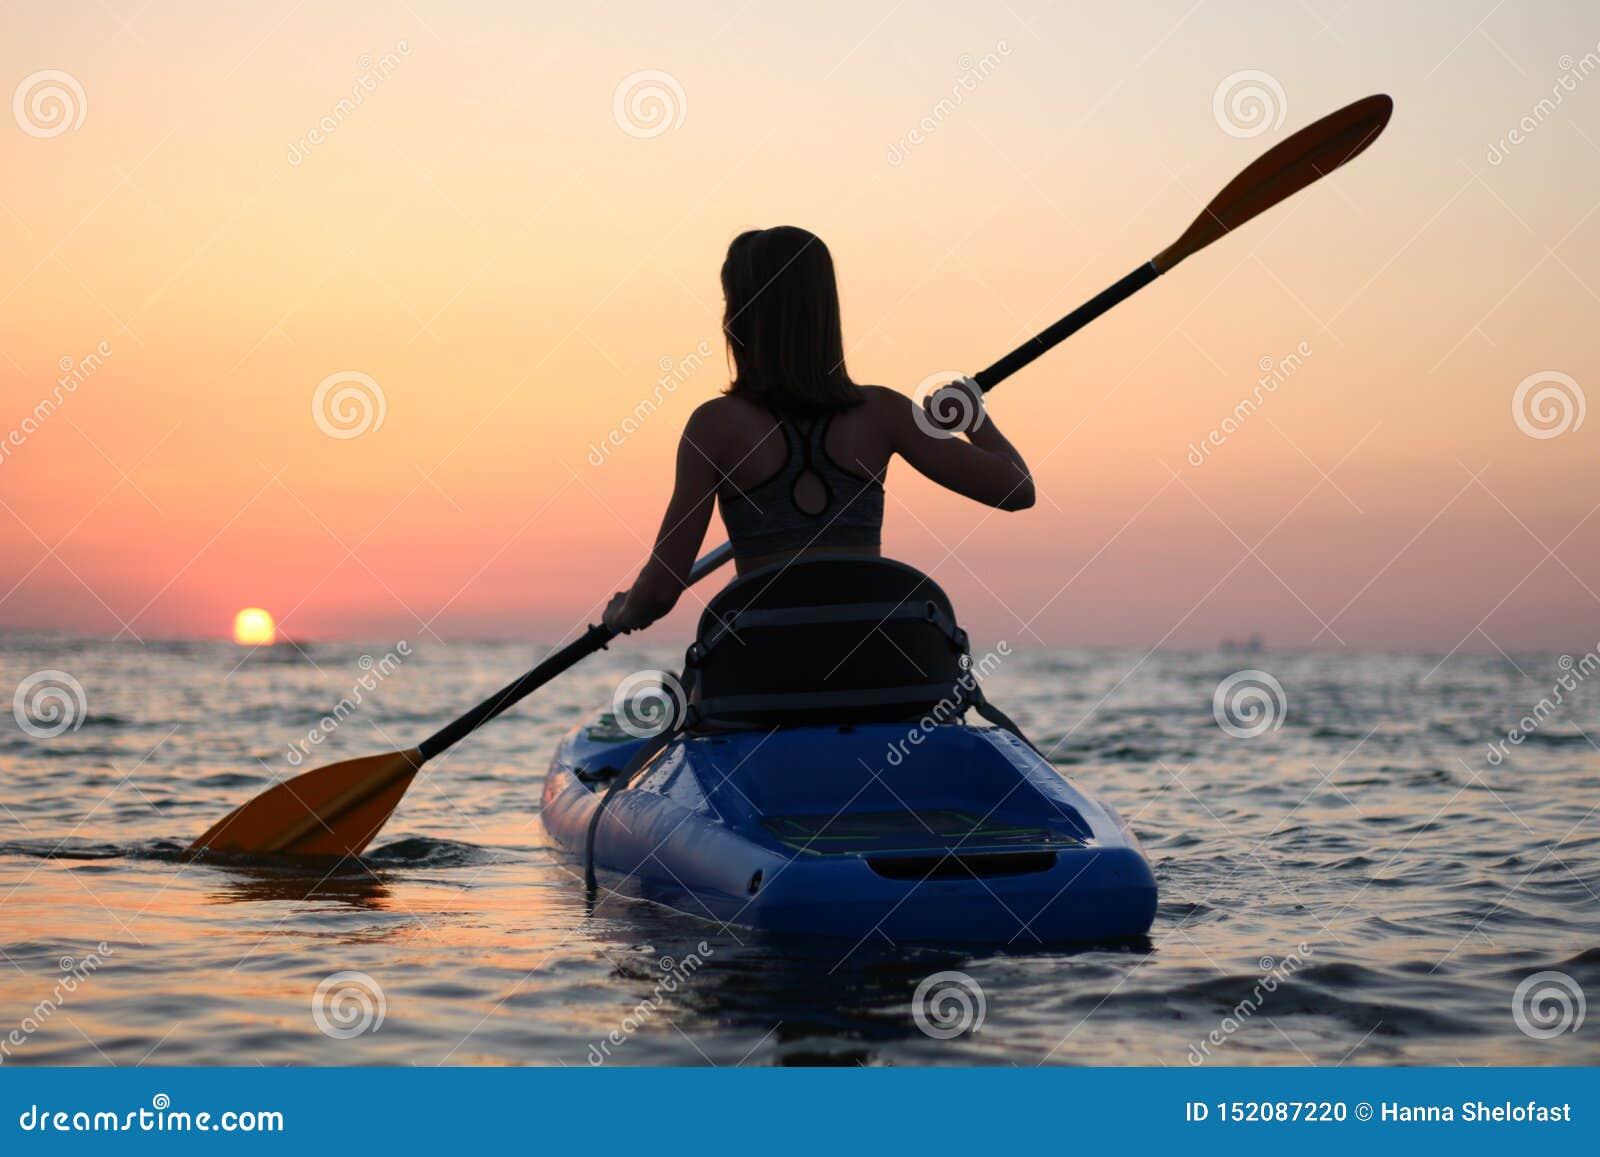 Mulher Kayaking no caiaque, enfileiramento da menina na água de um mar calmo